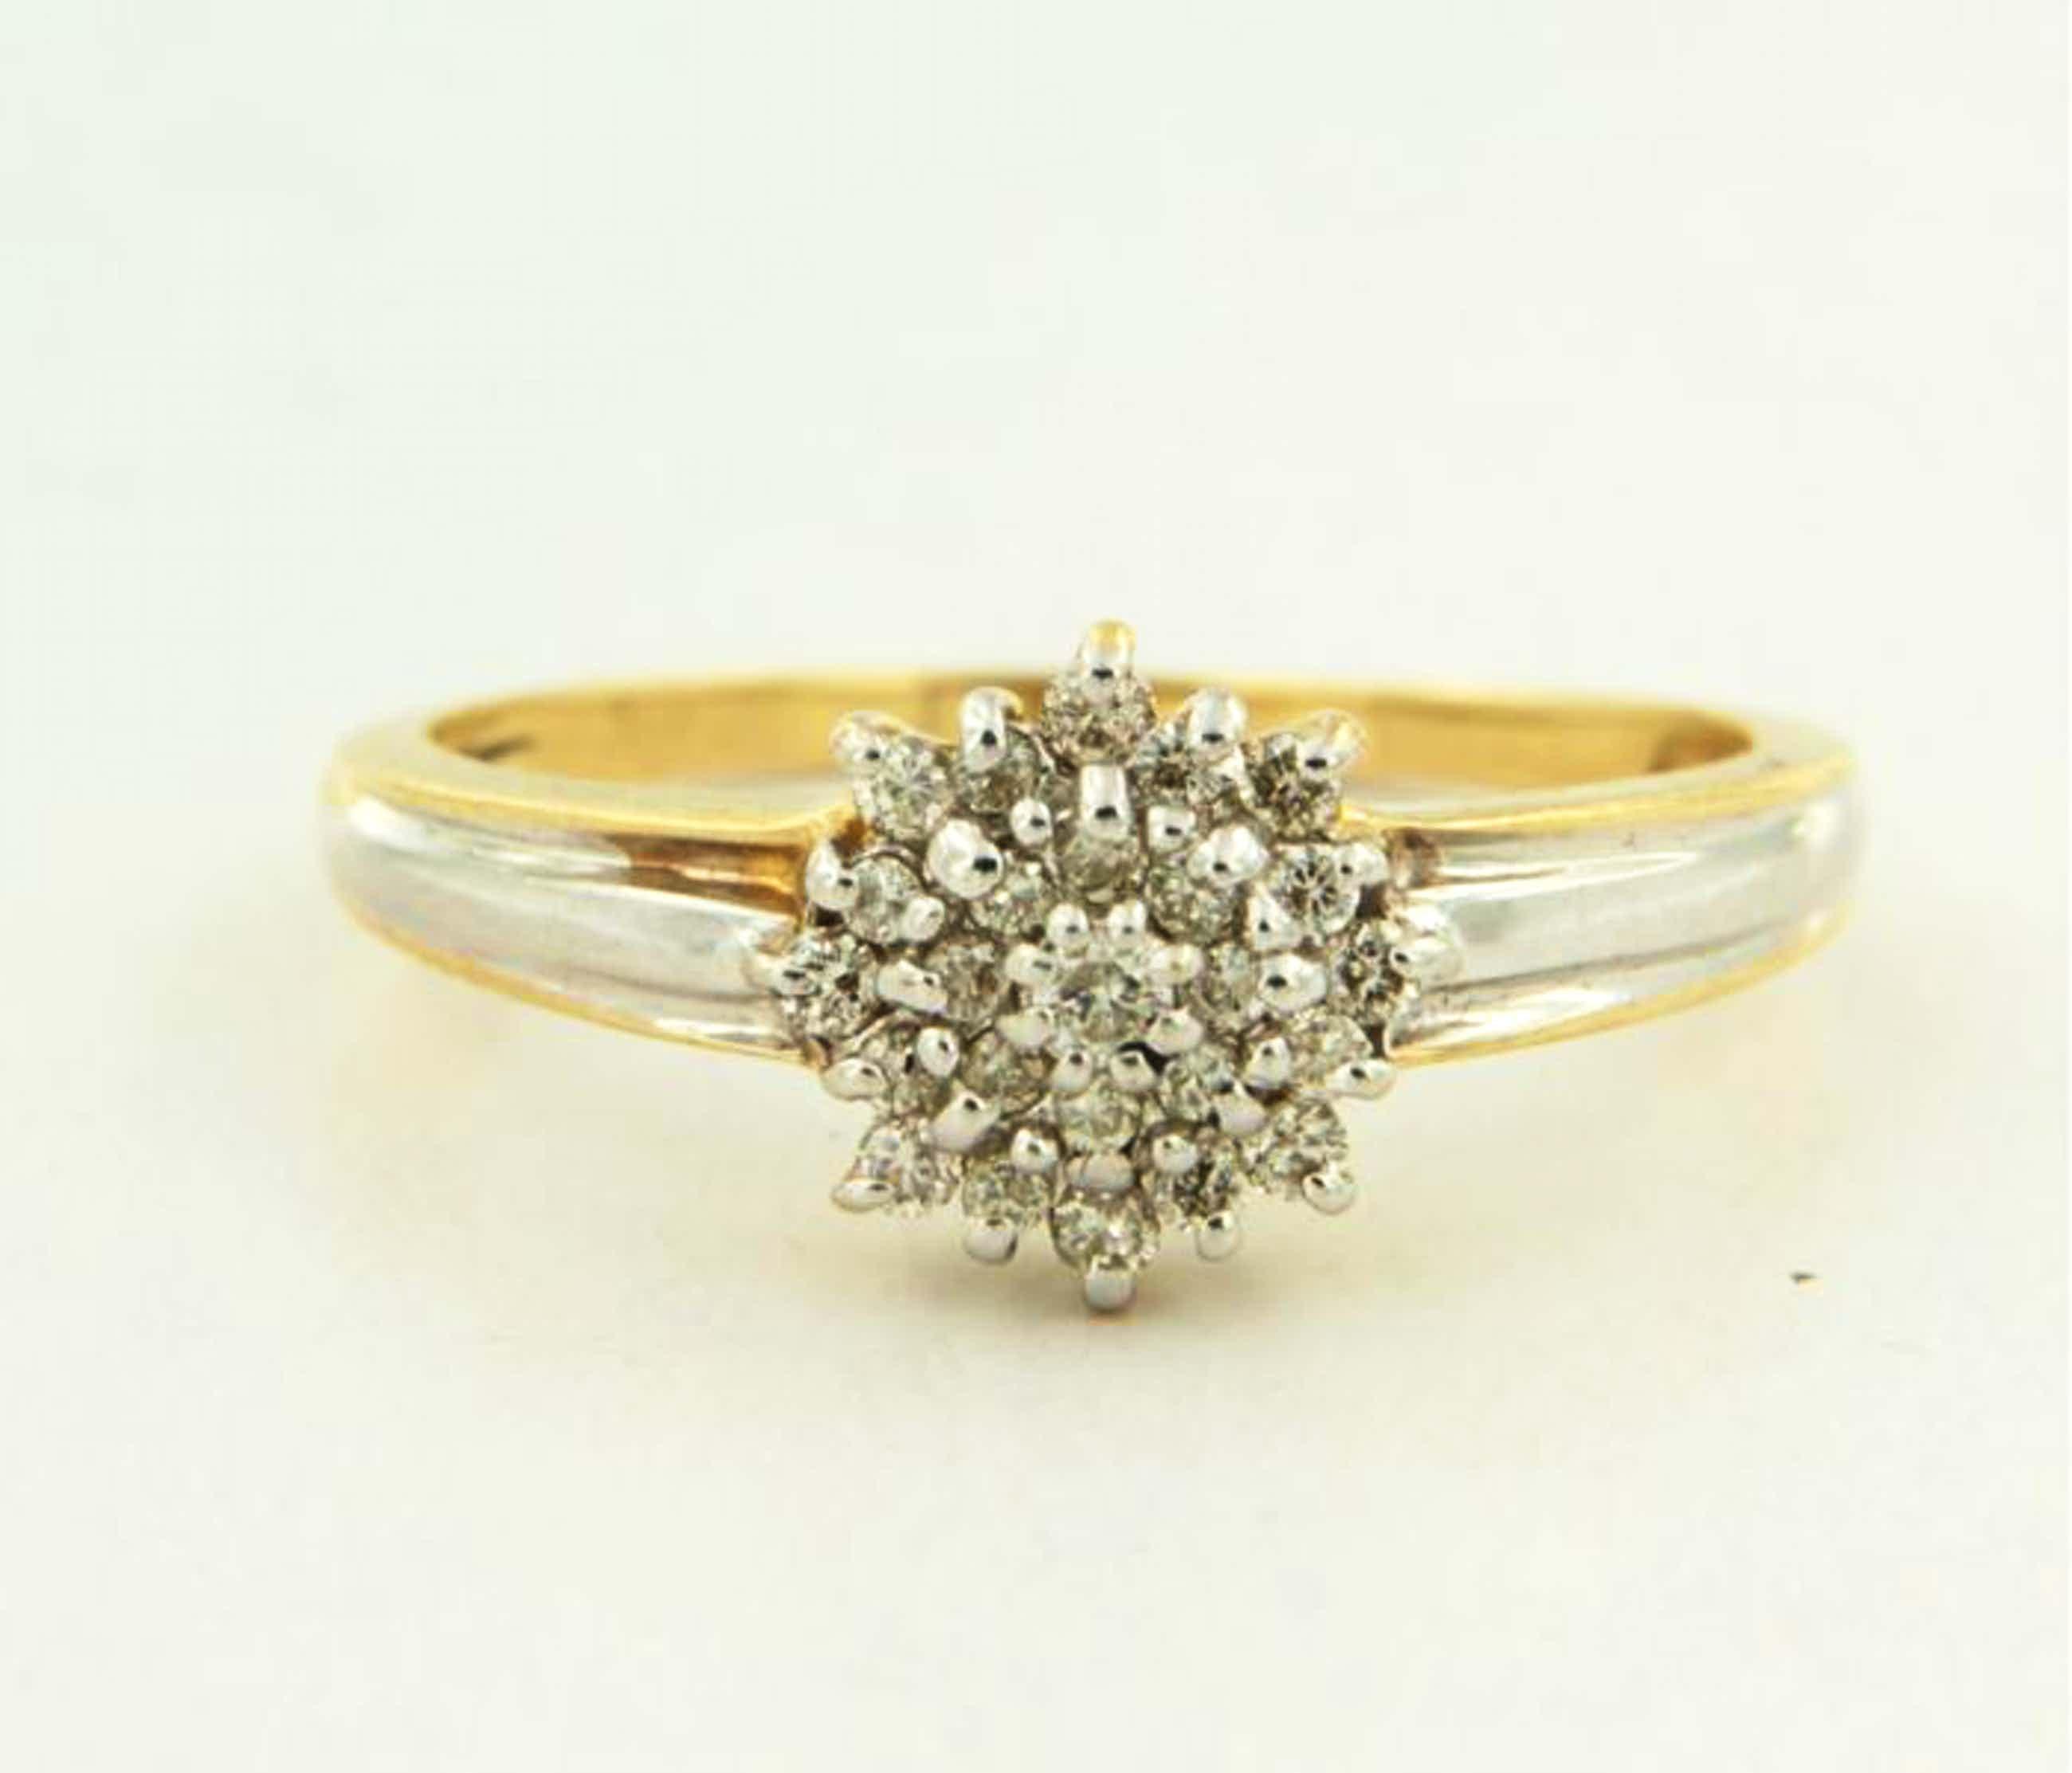 14K Goud - bicolour gouden ring bezet met diamanten - ringmaat 18.5 (58) kopen? Bied vanaf 200!